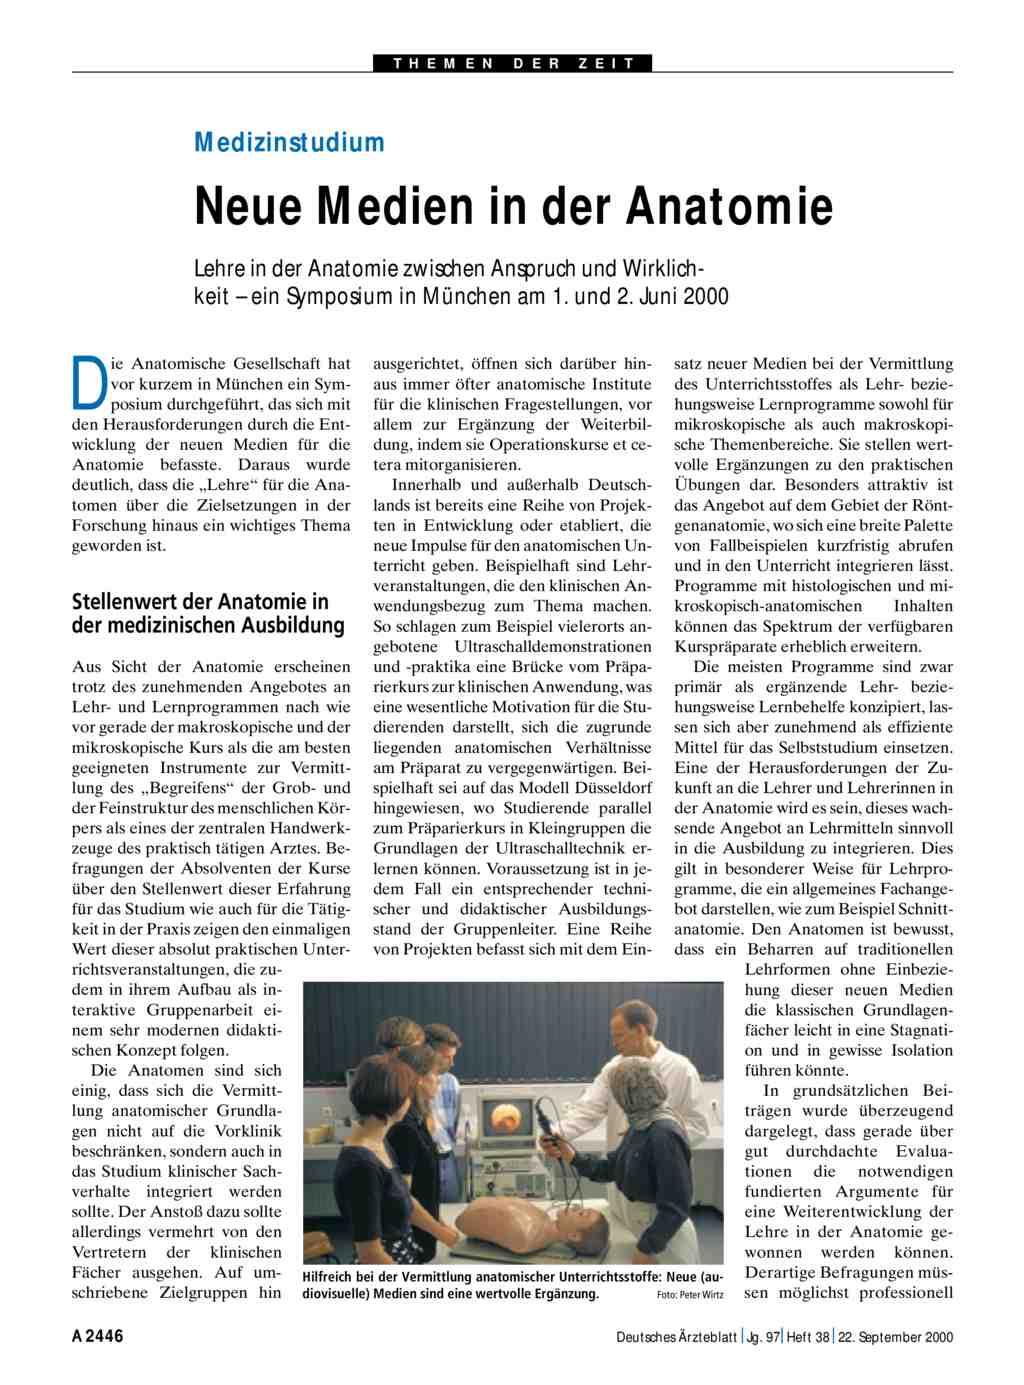 Medizinstudium: Neue Medien in der Anatomie